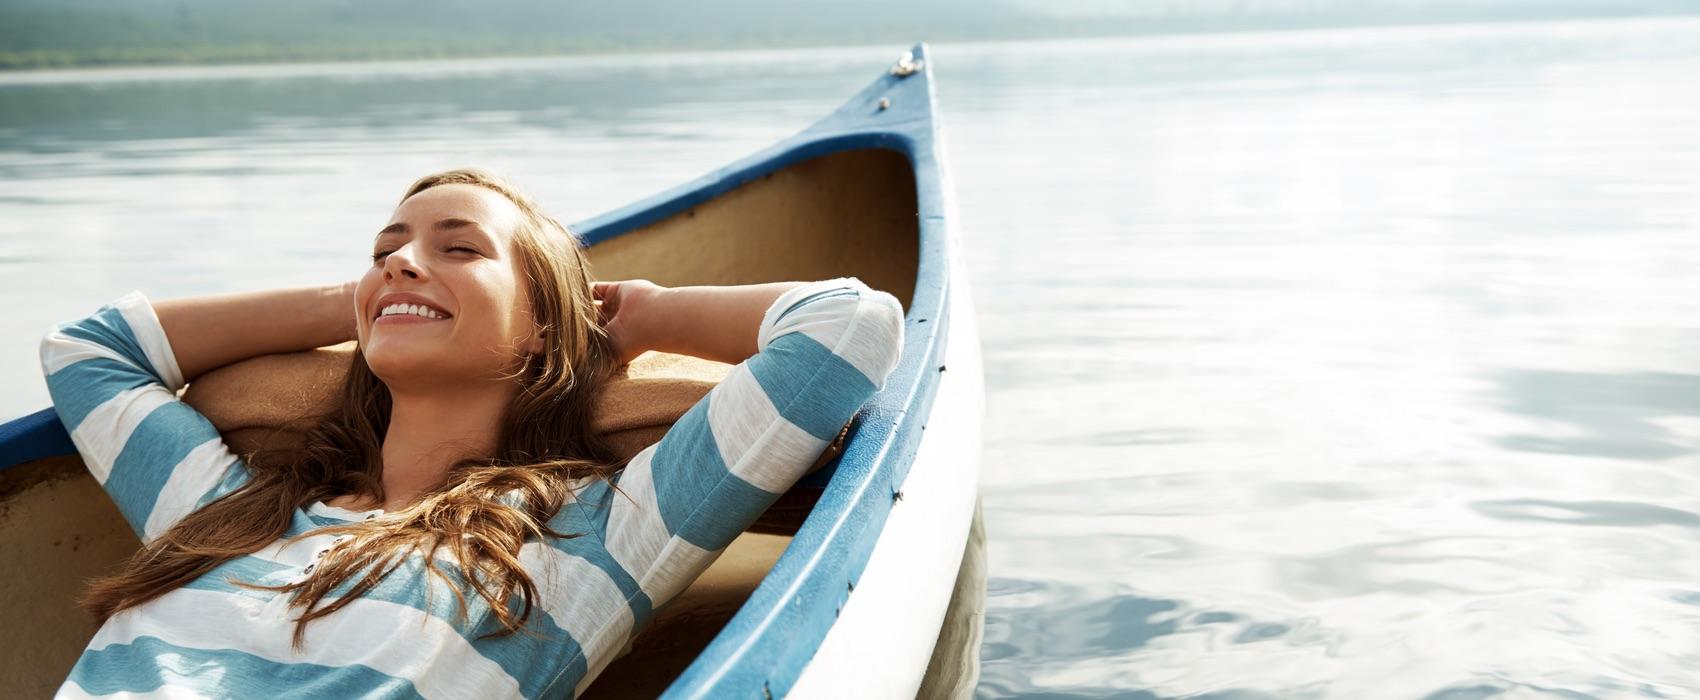 Junge Frau liegt lächelnd in einem Boot, das auf dem Wasser schwimmt.